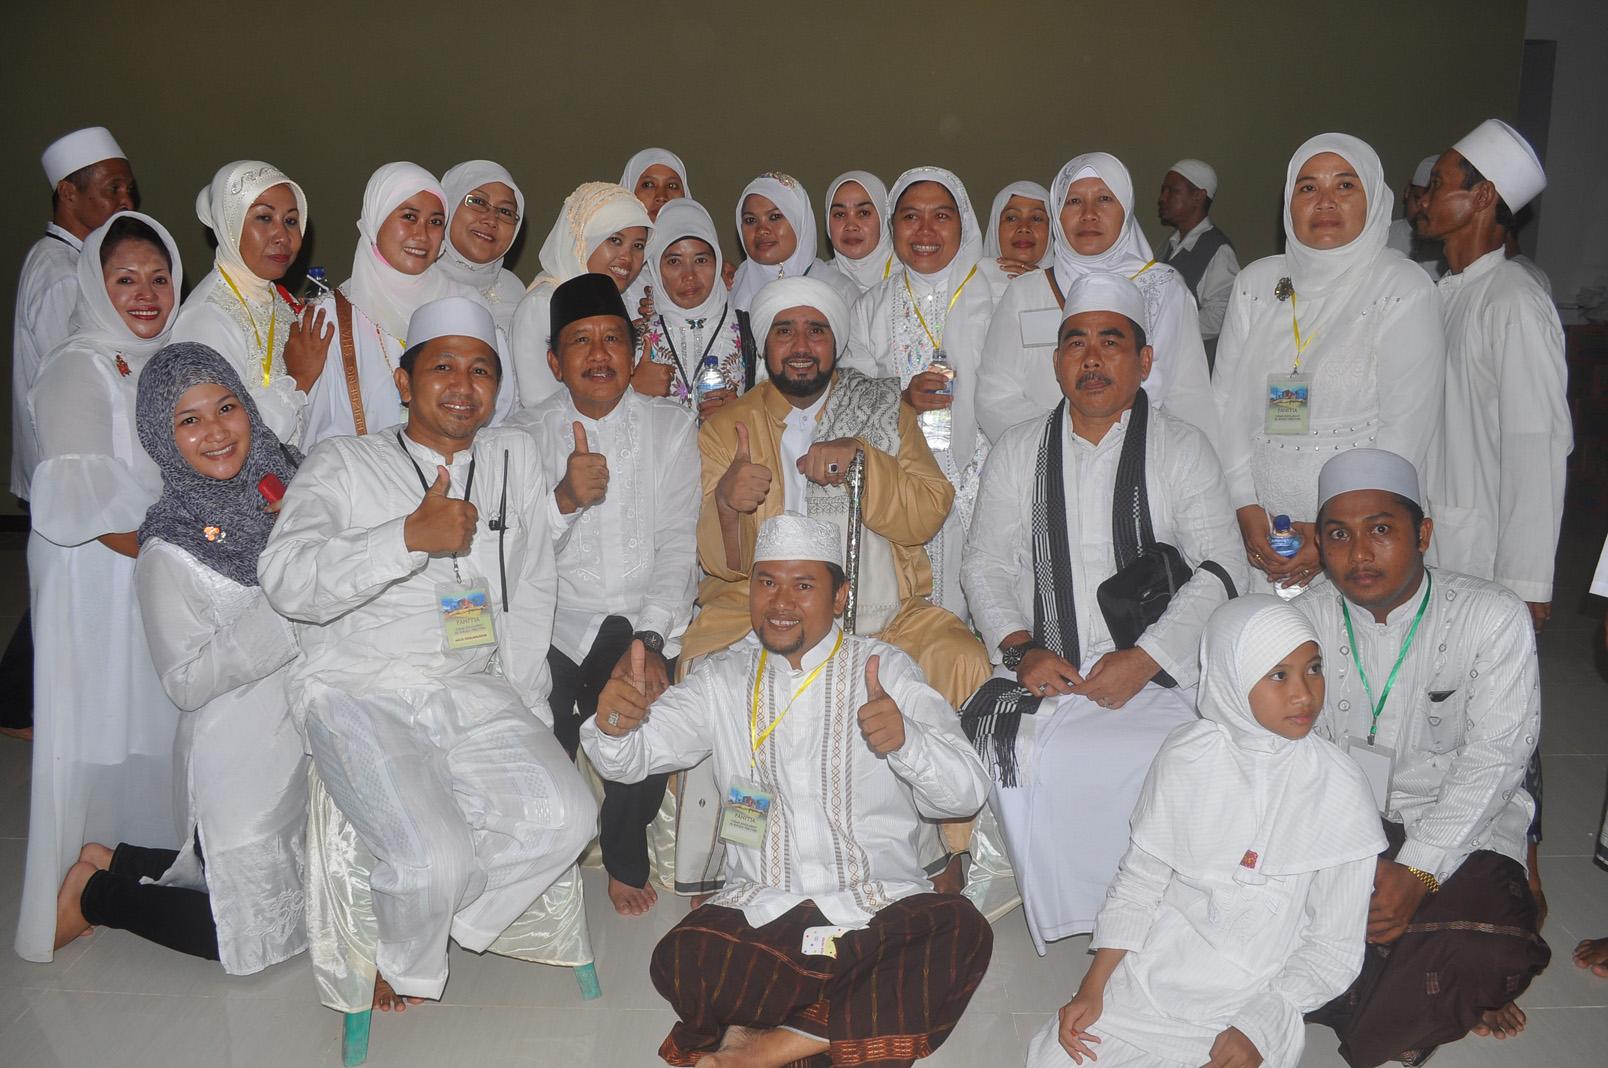 Foto_bersama_panitia_dengan_Bpk_Supramu_dan_Habib_Syech